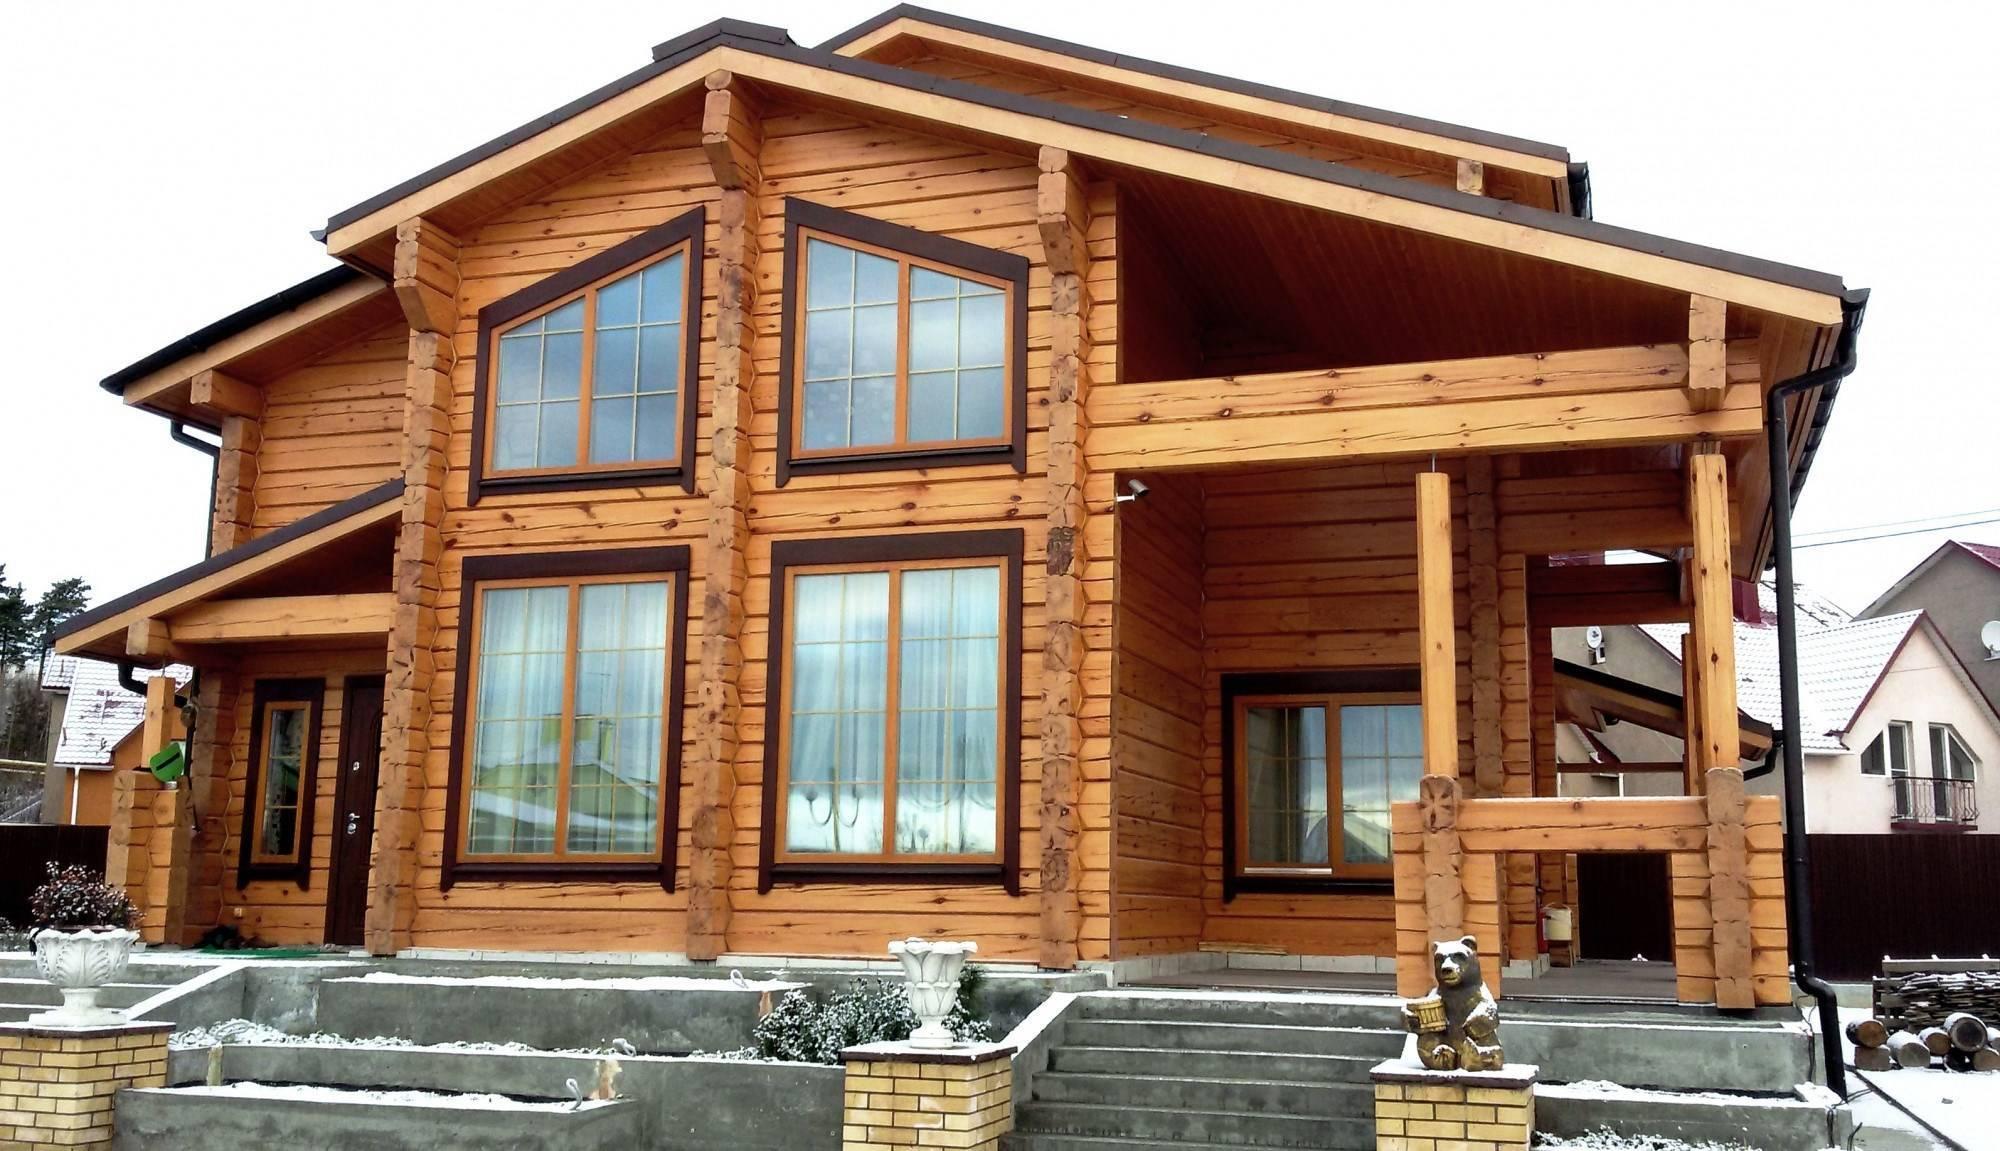 Проекты домов из лафета: преимущества и особенности, варианты проектов коттеджей из лафета, цены